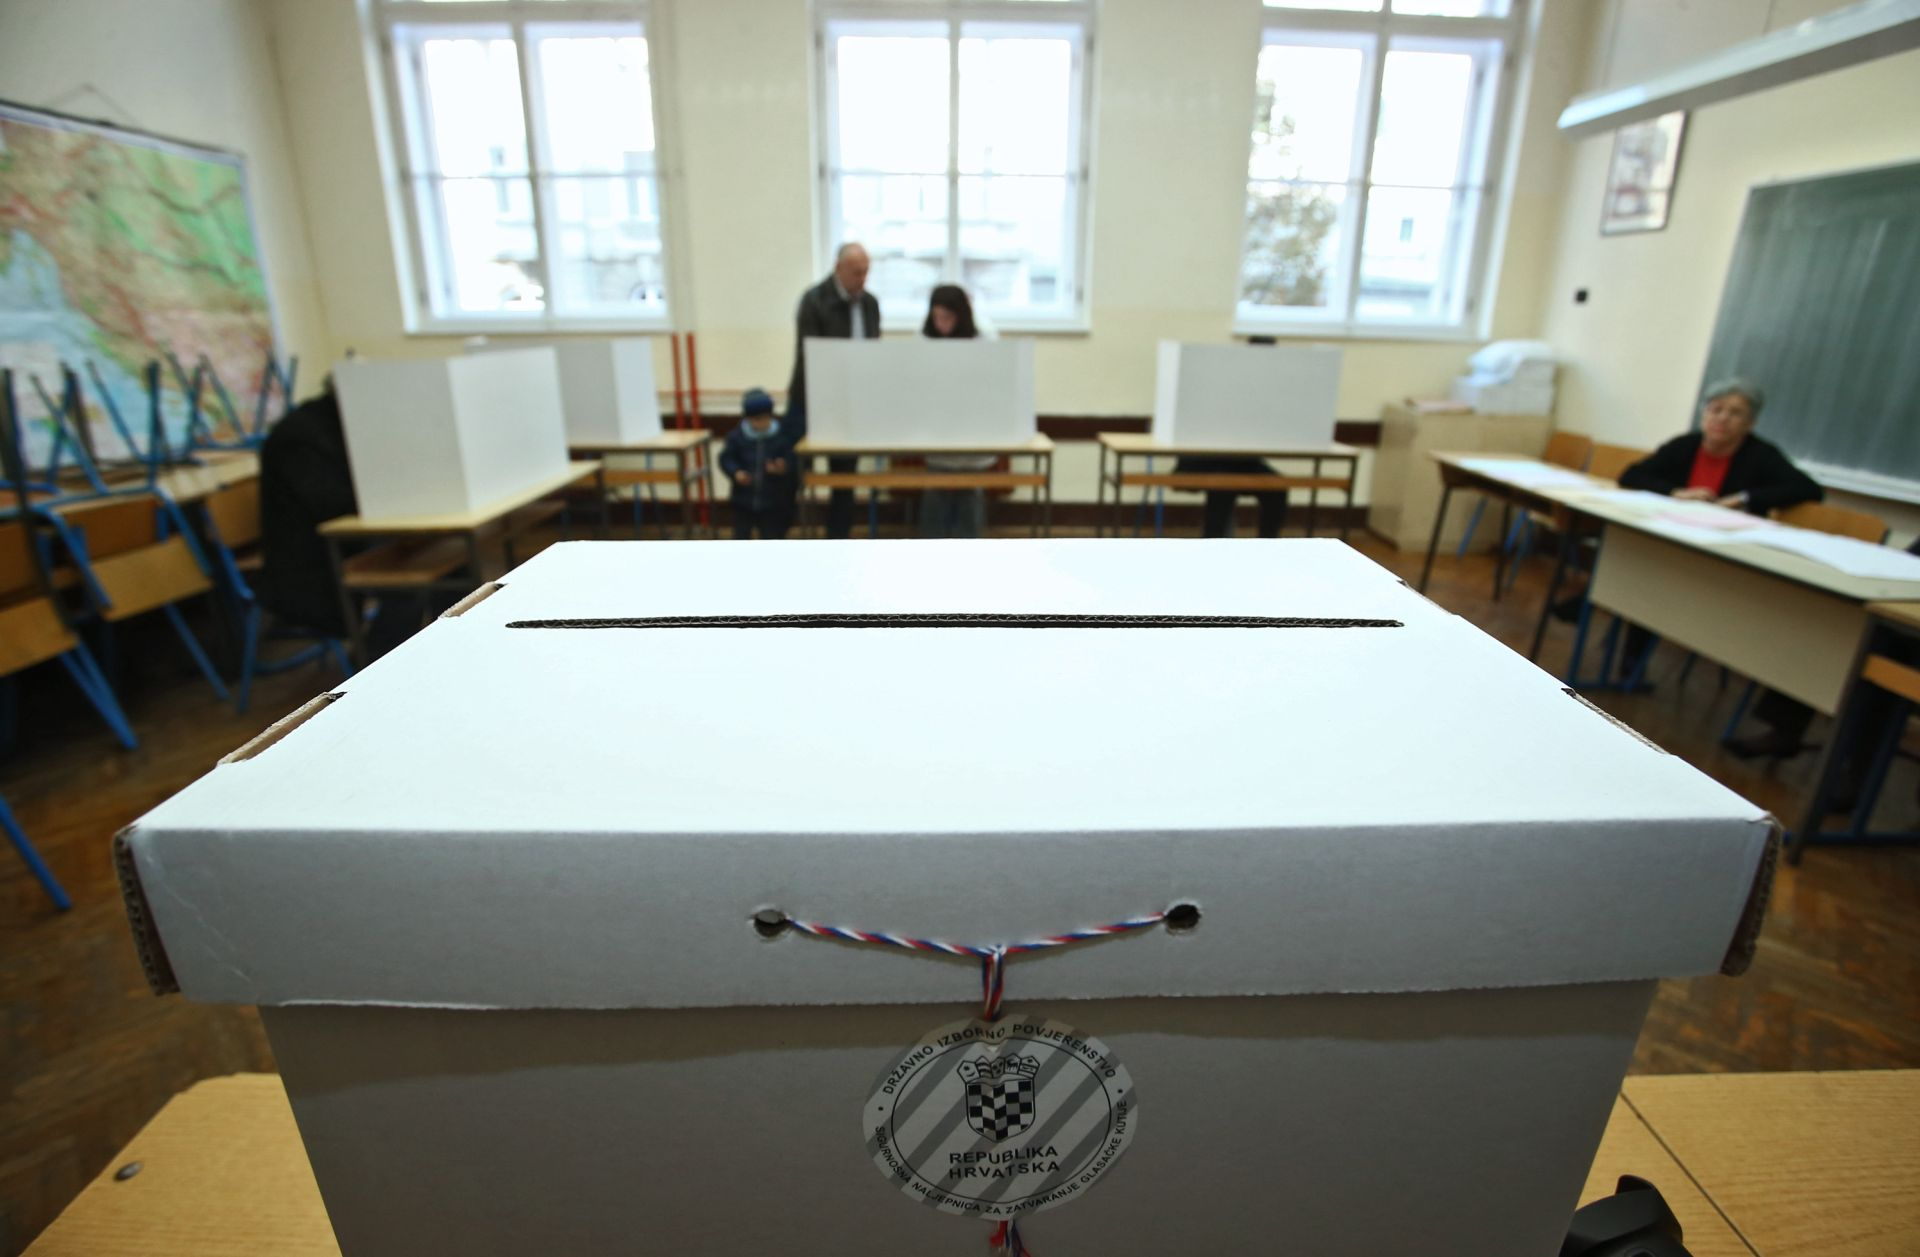 IZBORI 2016: SDP u odnosu na izbore 2011. izgubio više od 320 tisuća glasova